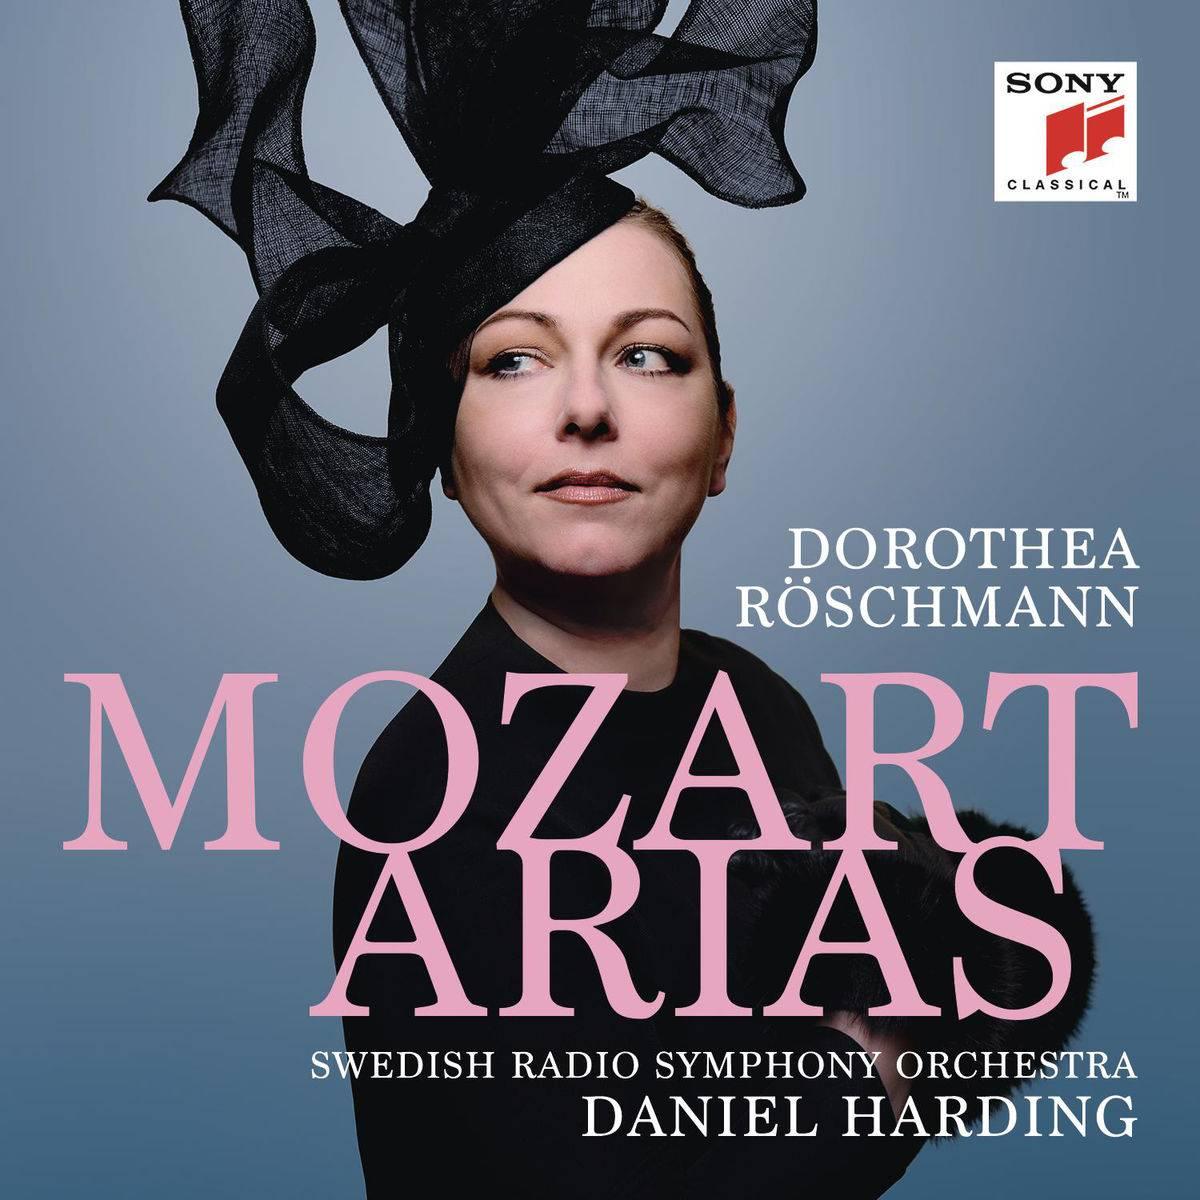 Dorothea Röschmann - Mozart Arias (2015) [Official Digital Download